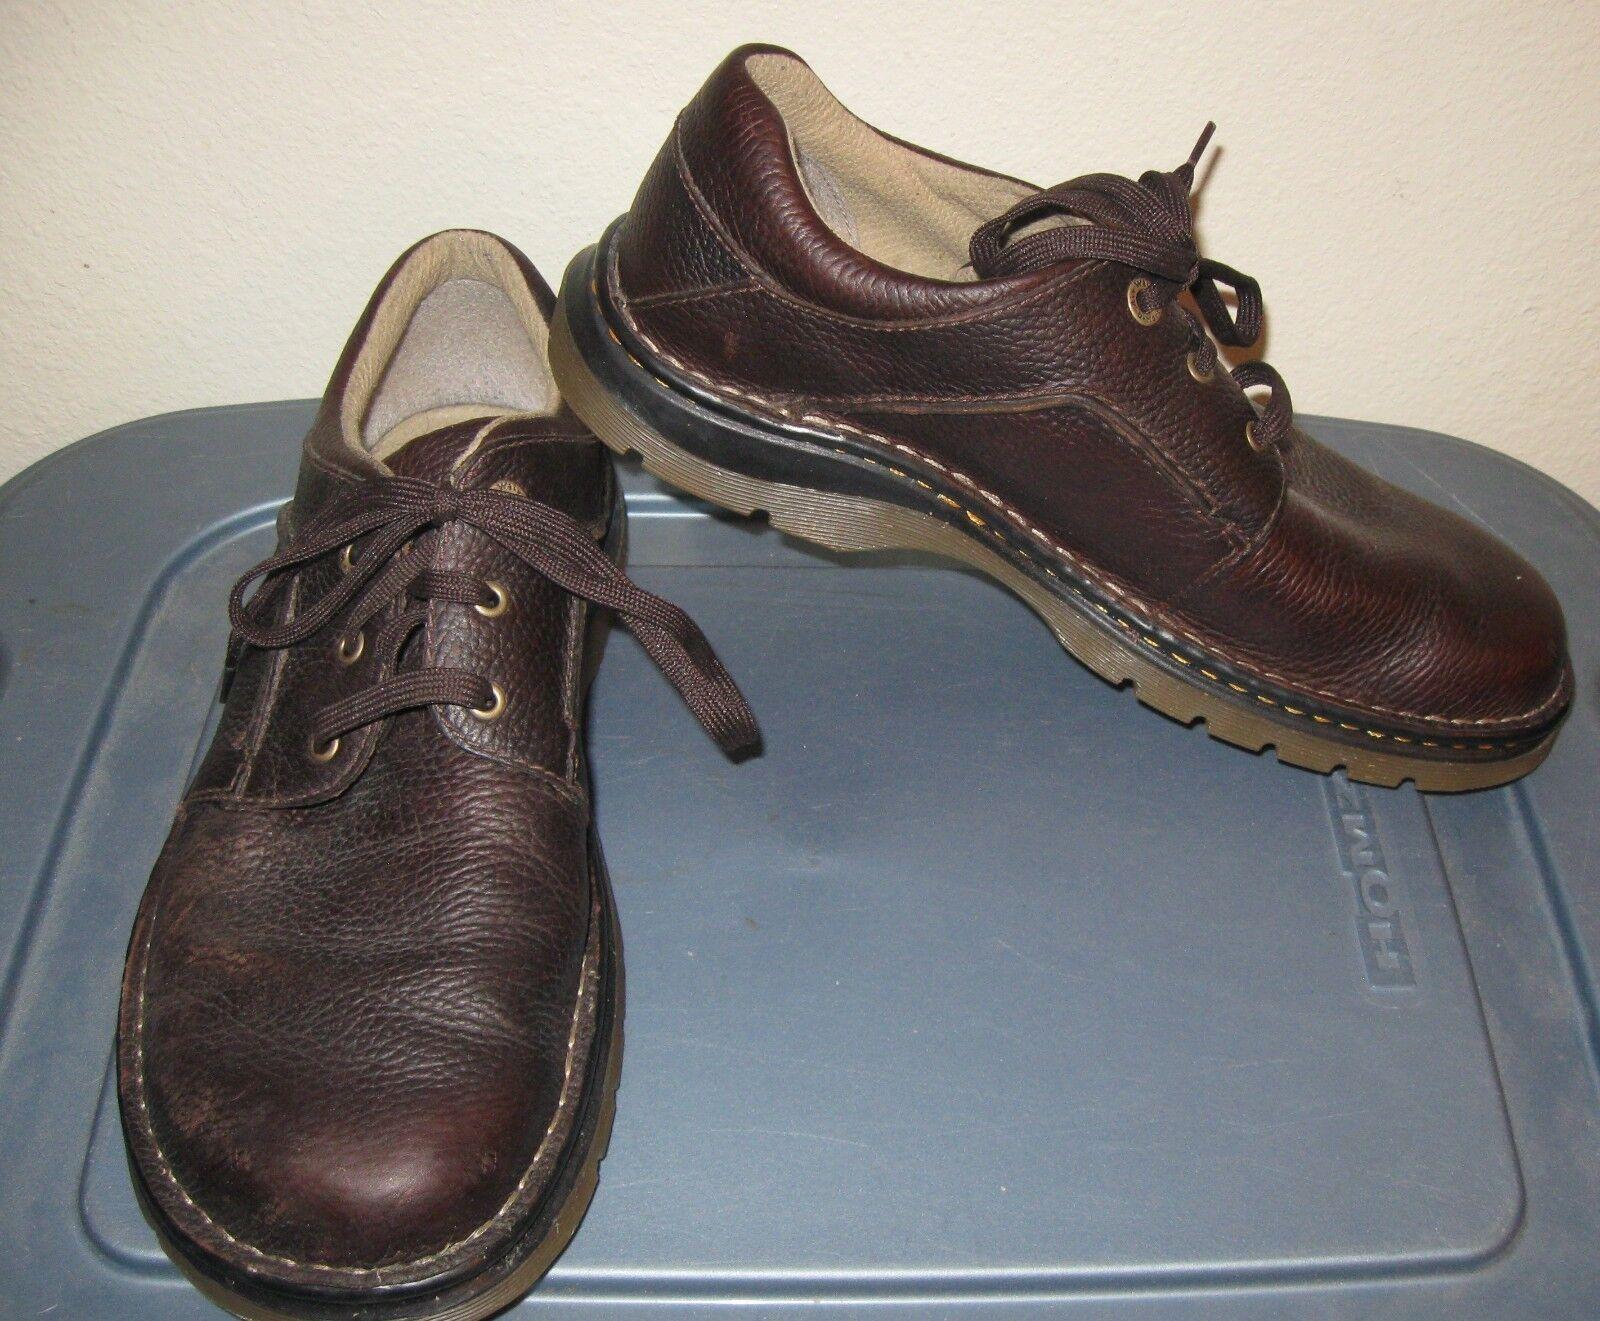 sconto di vendita Dr Martens Marrone oxfords scarpe 11 Uomo lace up leather leather leather 10 UK  l'ultimo